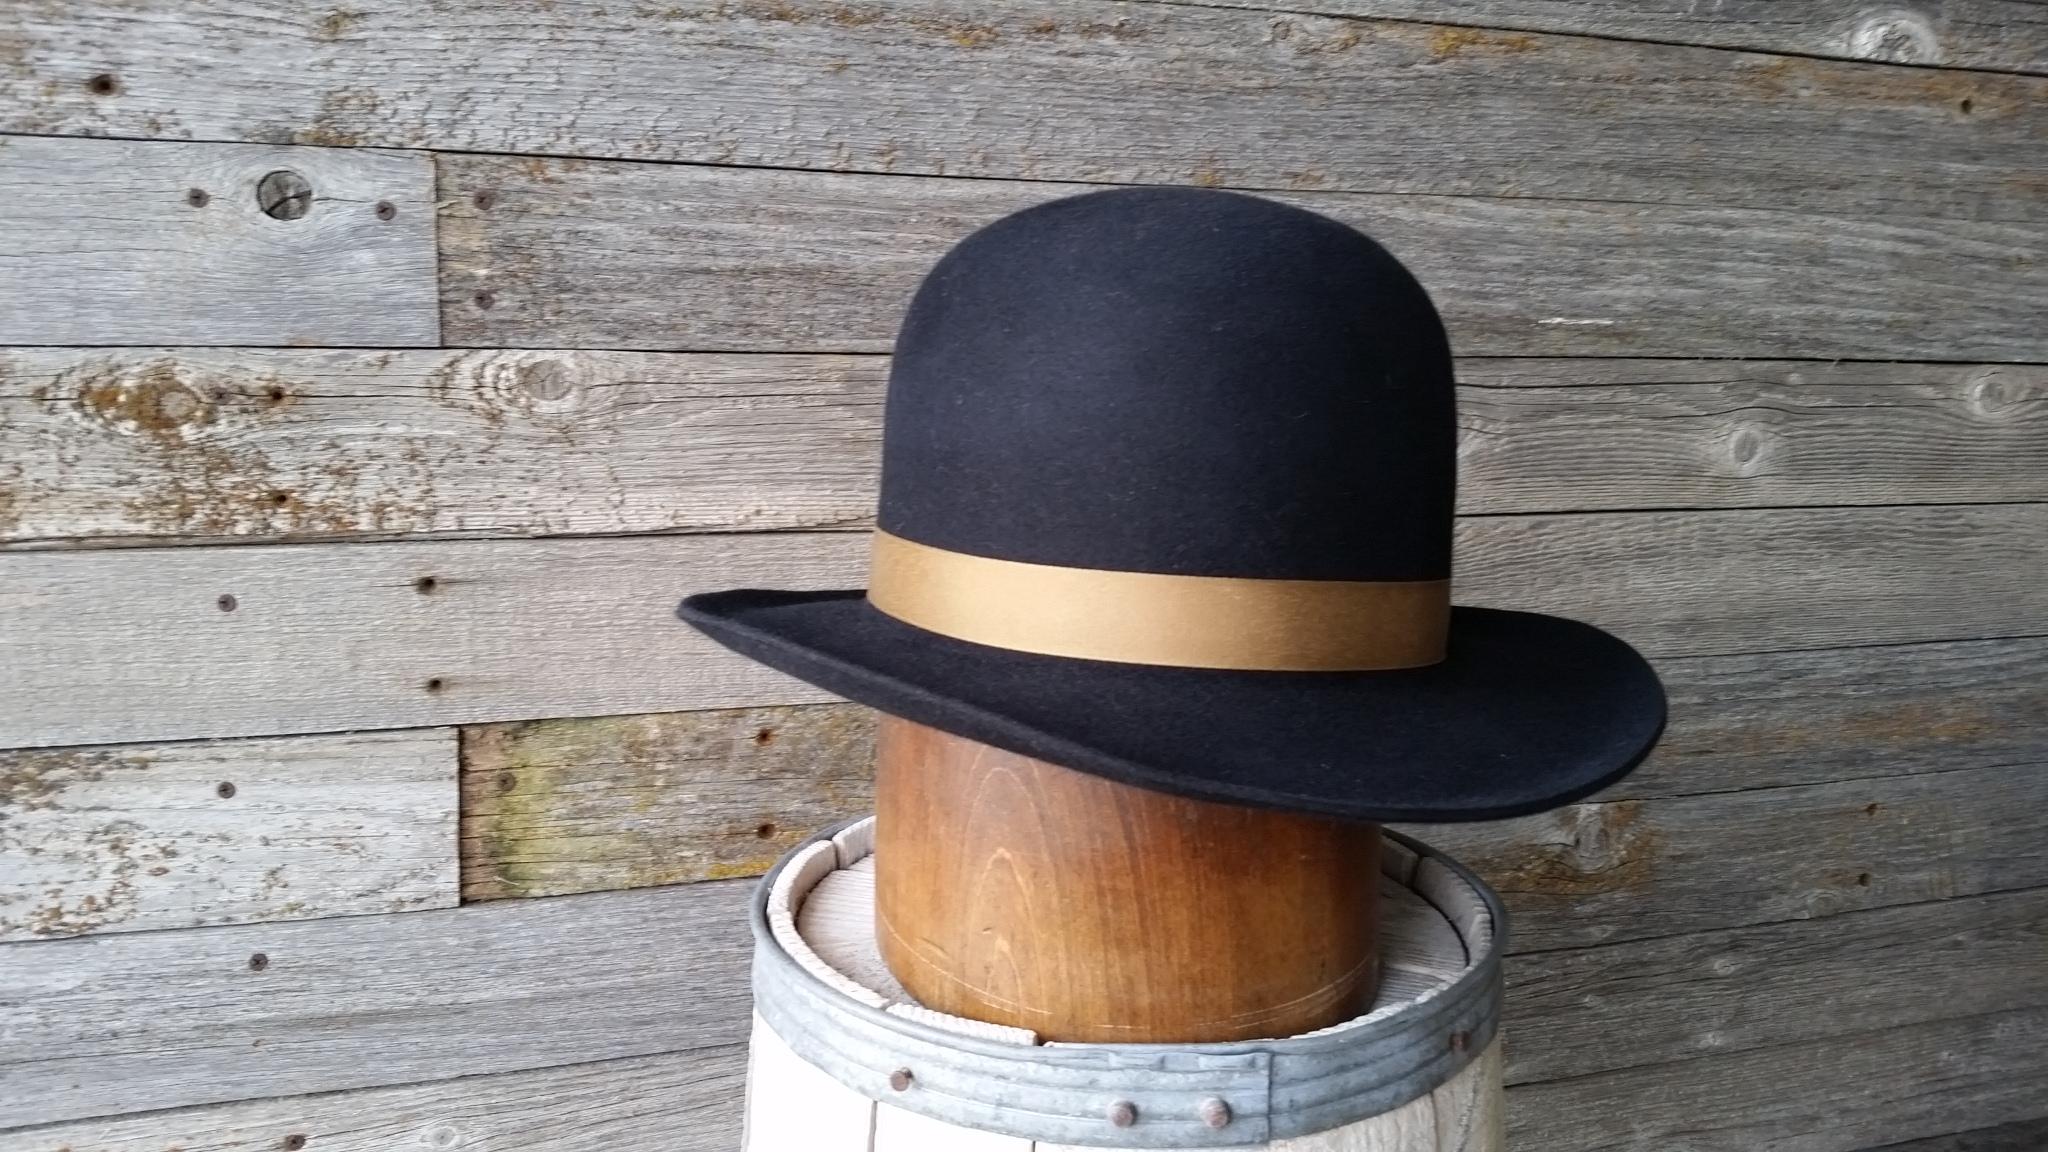 SASS Style Cowboy Hats - Staker Hats b8e690d544d7